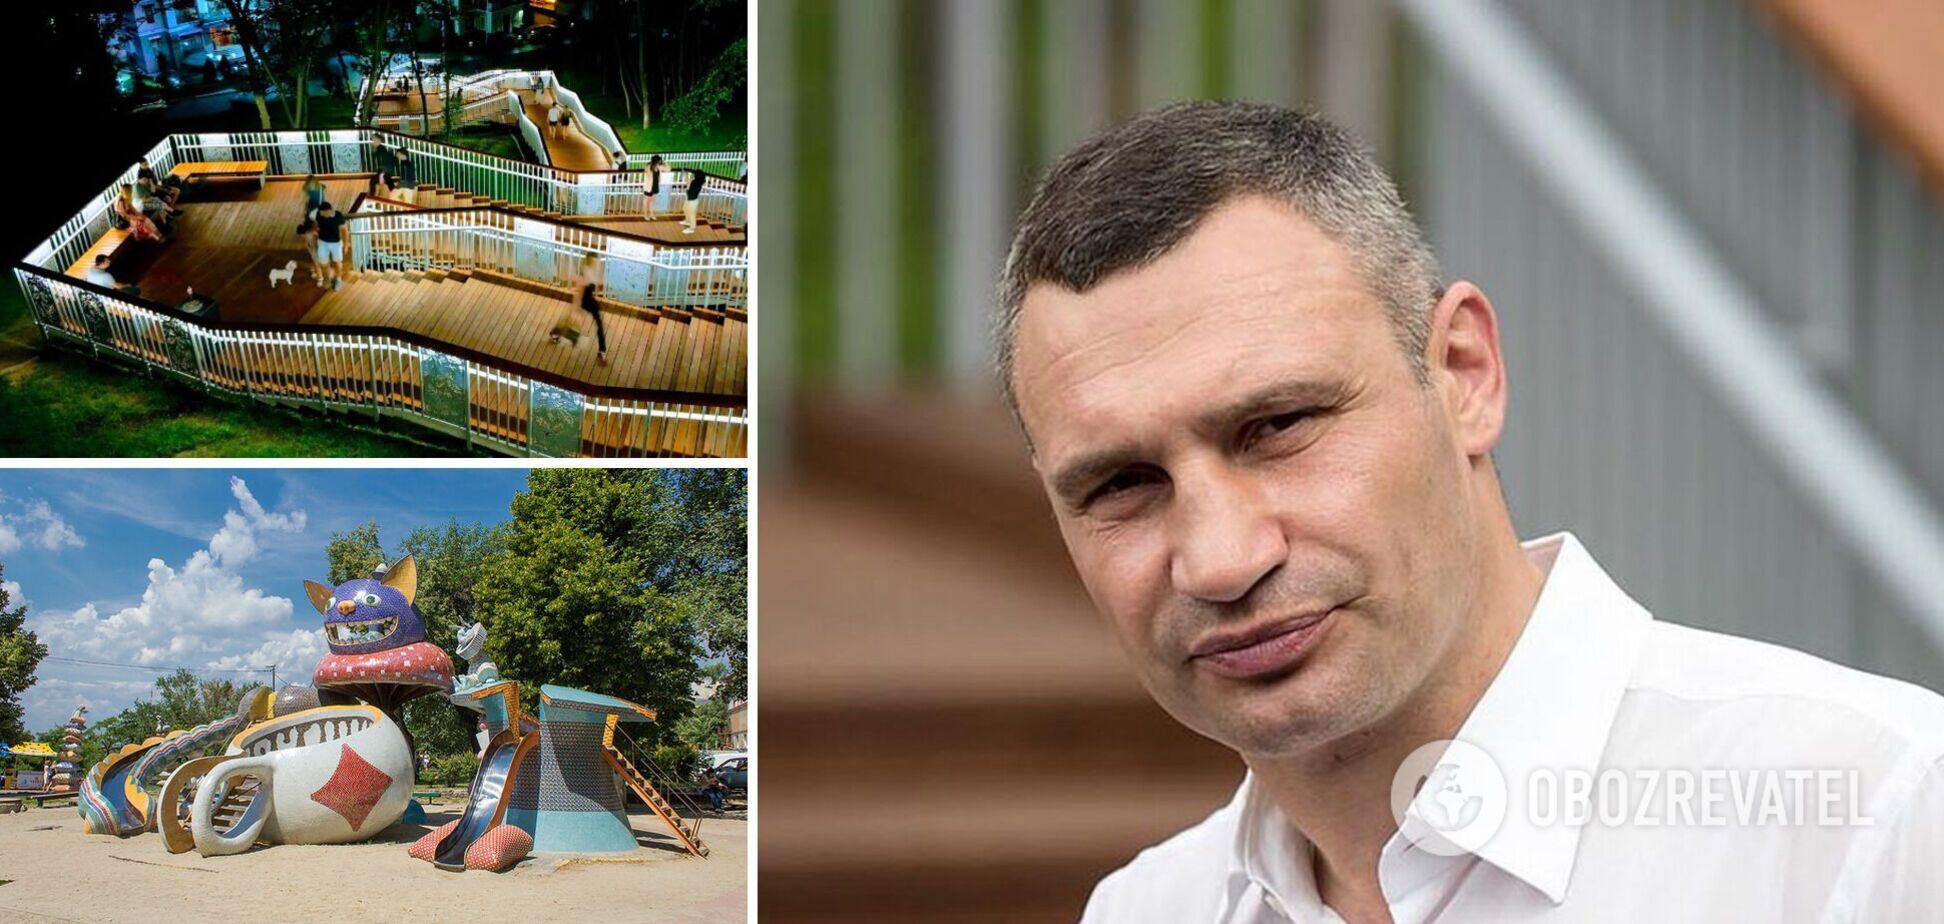 Кличко анонсировал открытие новой интересной локации в Киеве. Видео